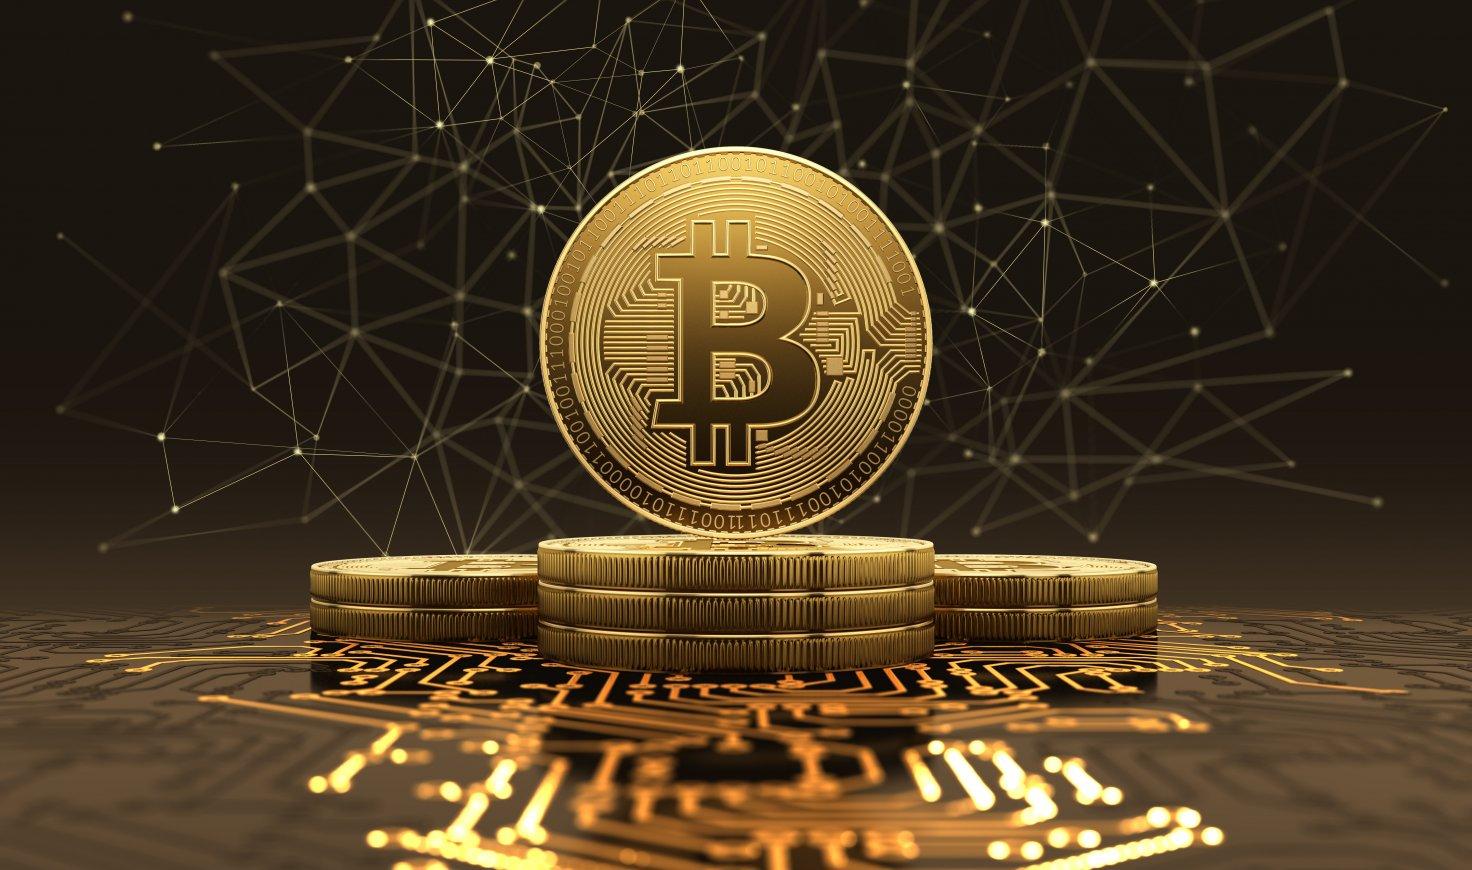 Bitcoin Blockchain Backing